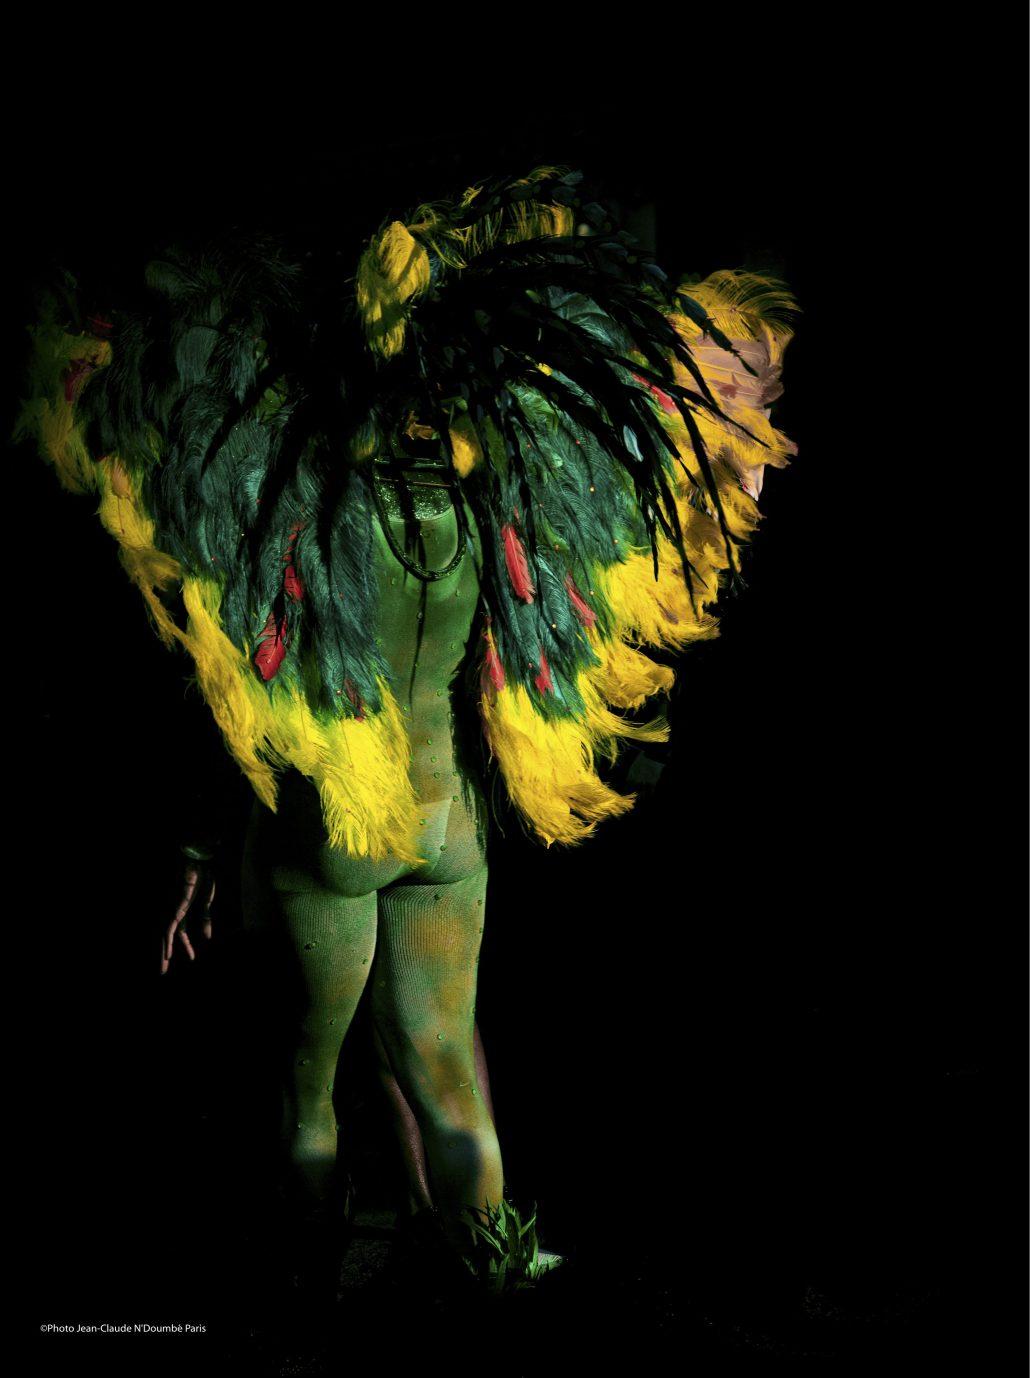 Un papillon dans la nuit